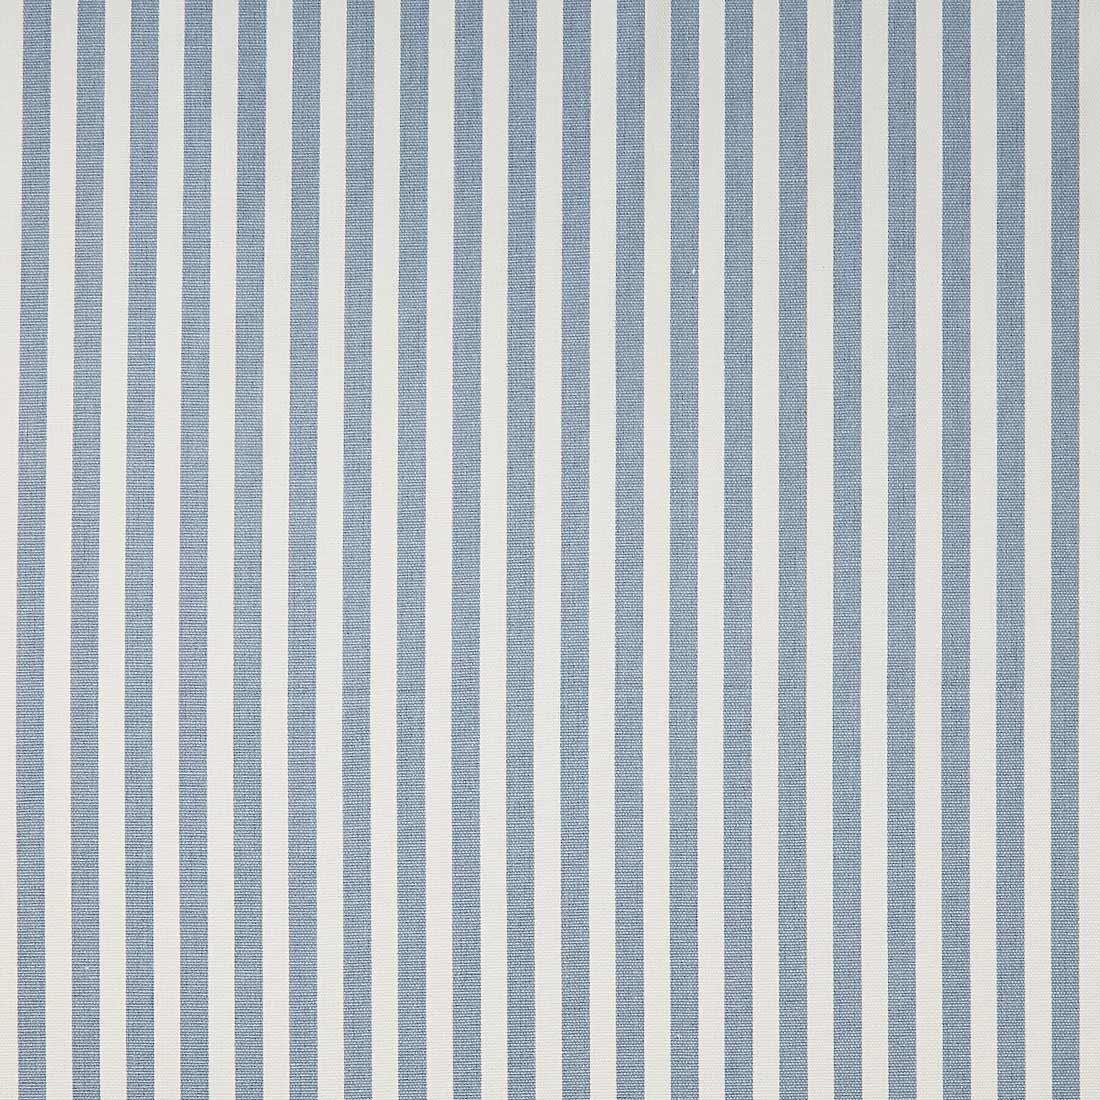 Party Stripe Chambray